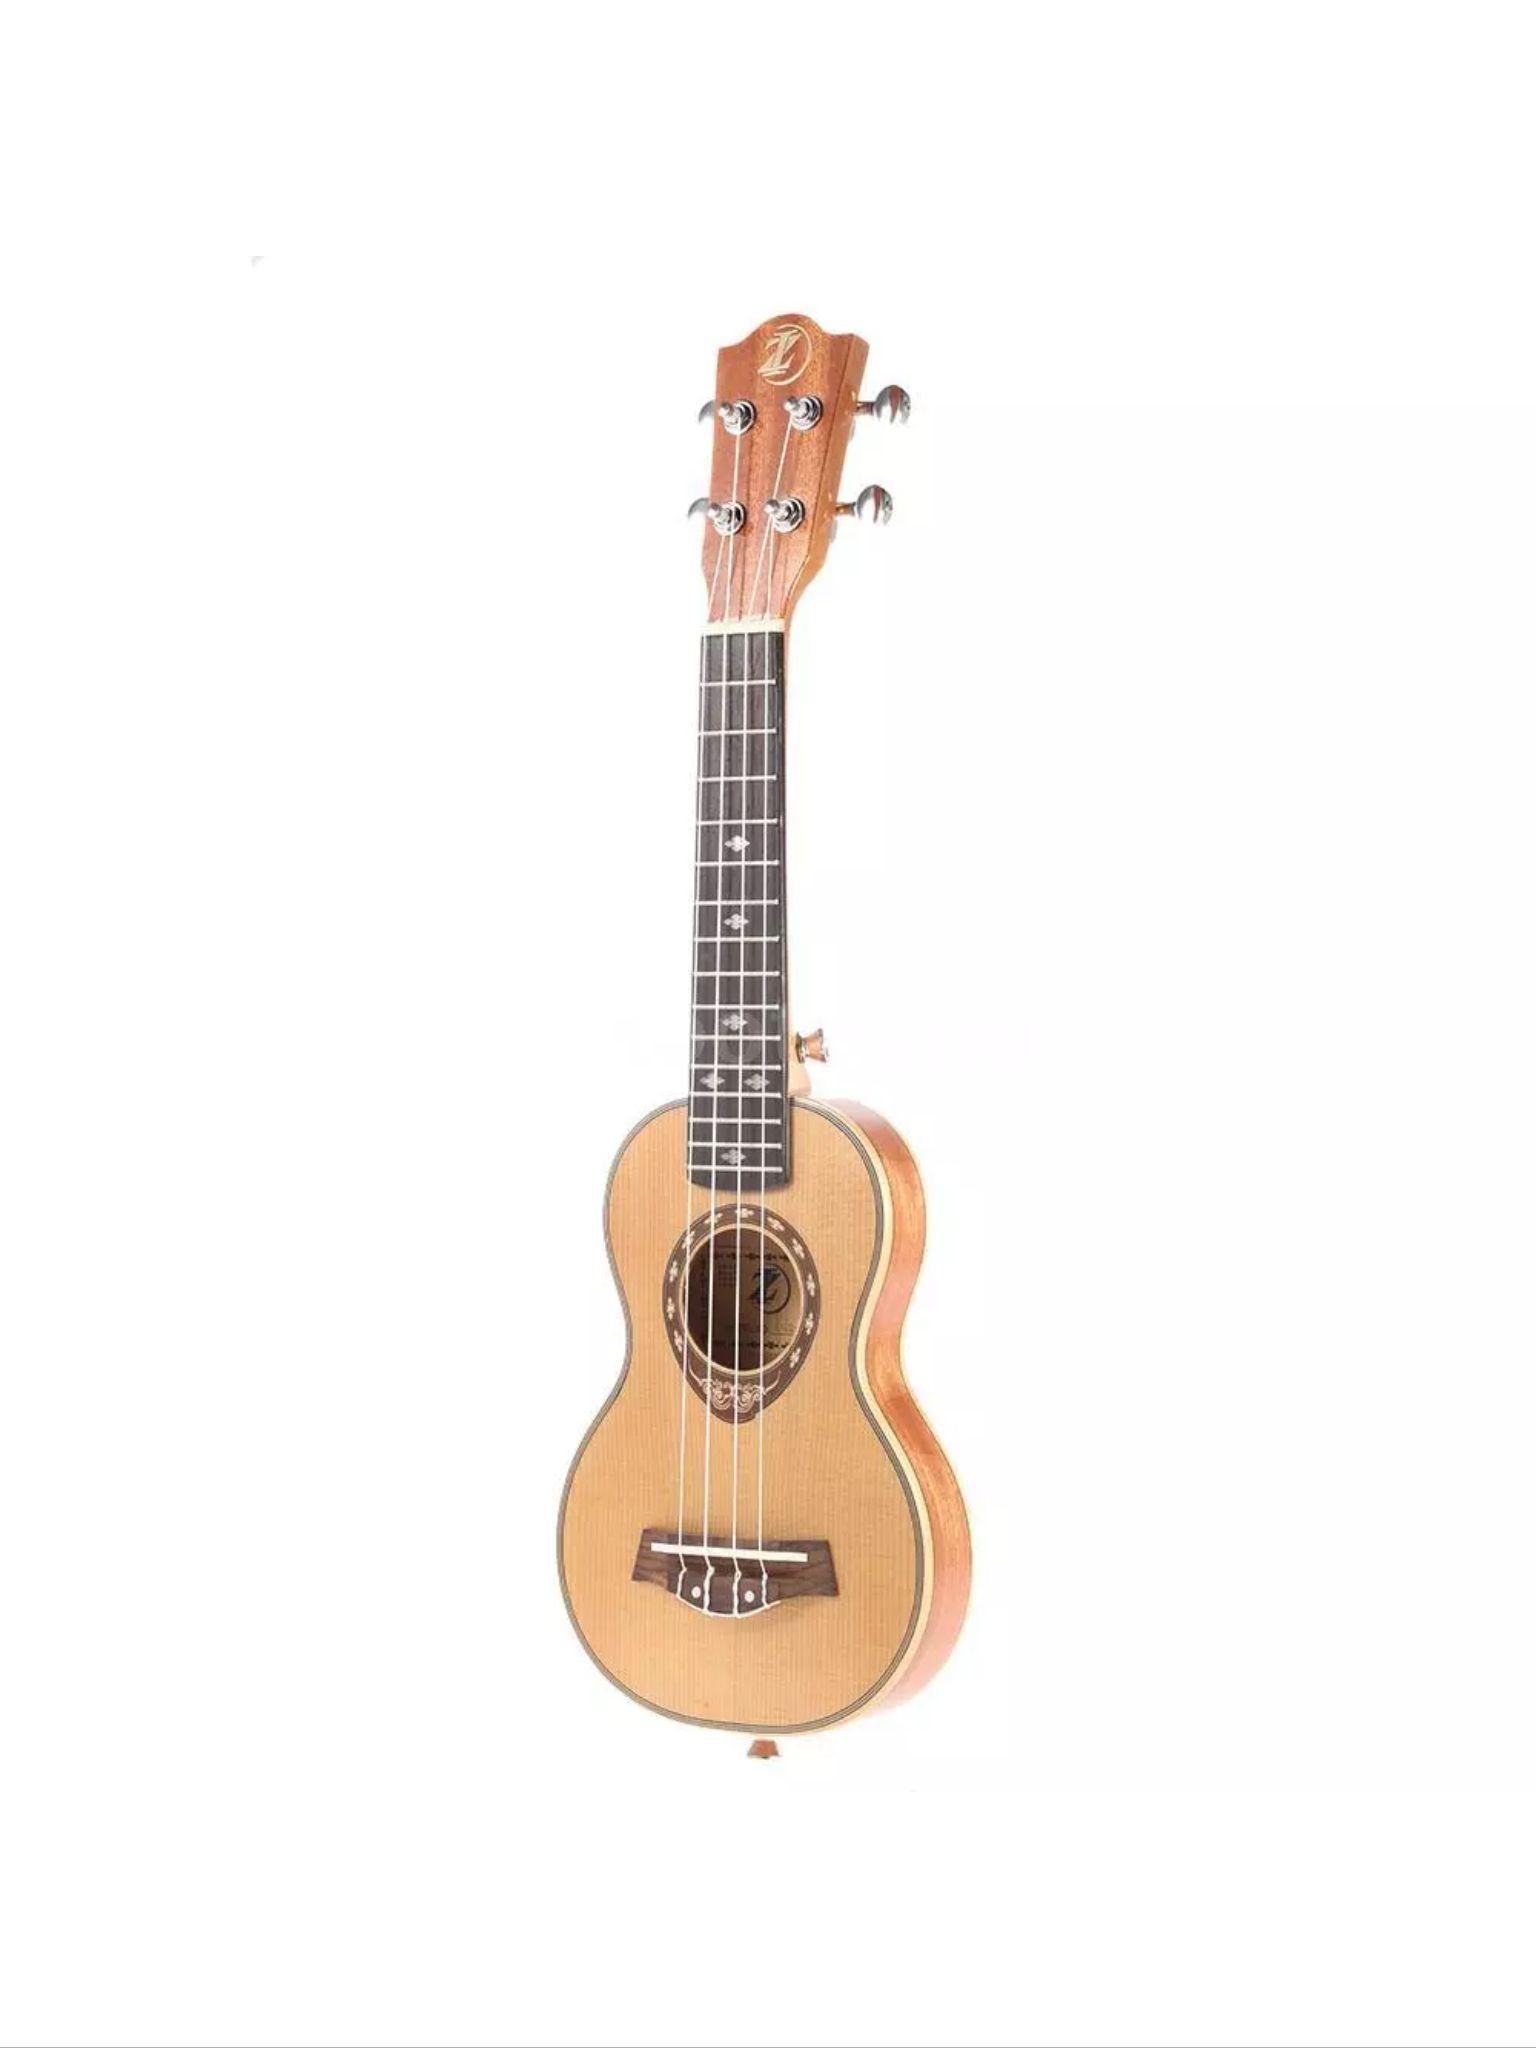 buy nike shoes online cheap ukuleles